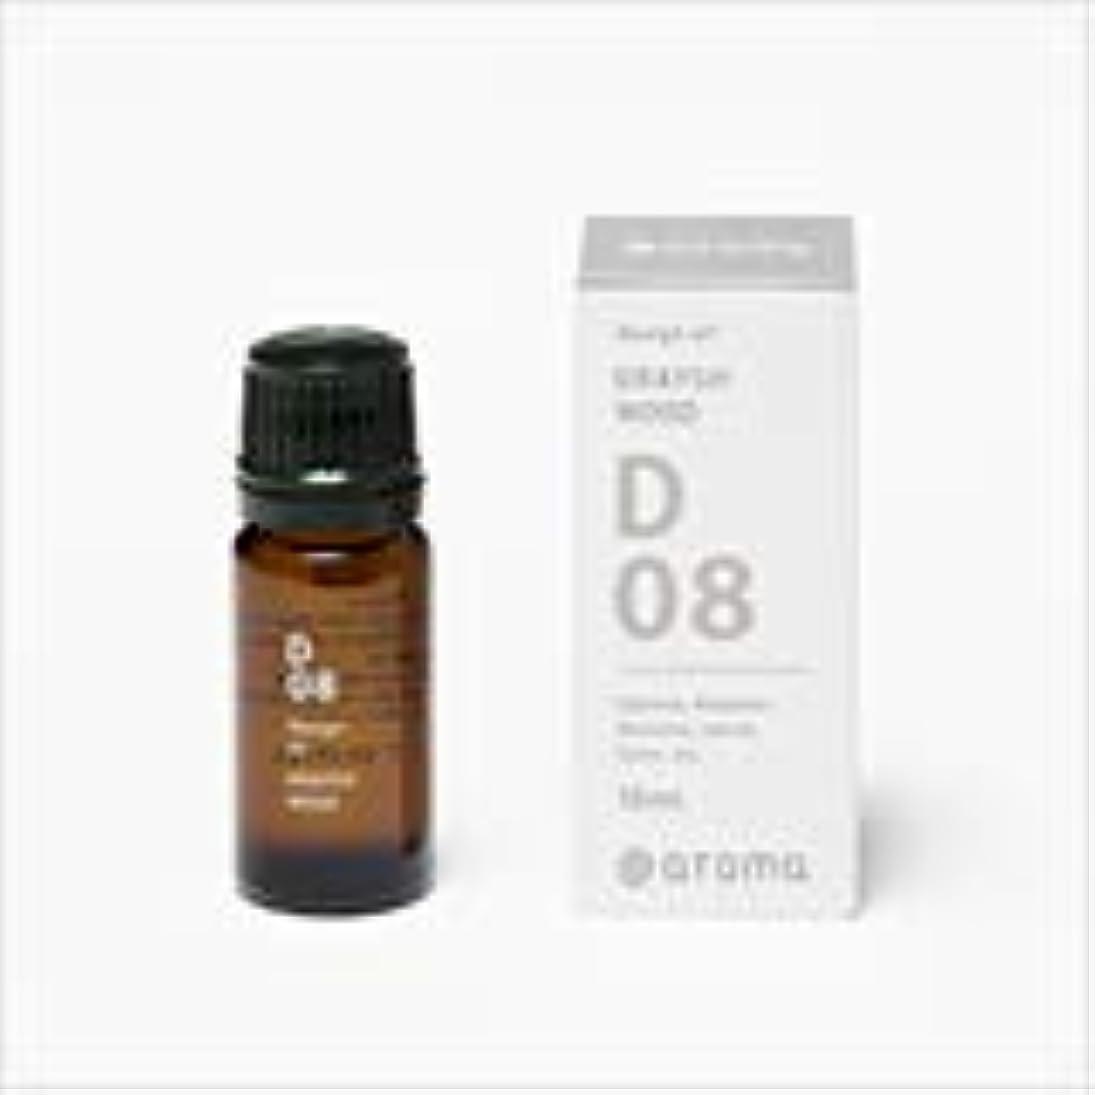 形状抵抗するゴネリルアットアロマ 100%pure essential oil <Design air スタイリッシュグラマー>